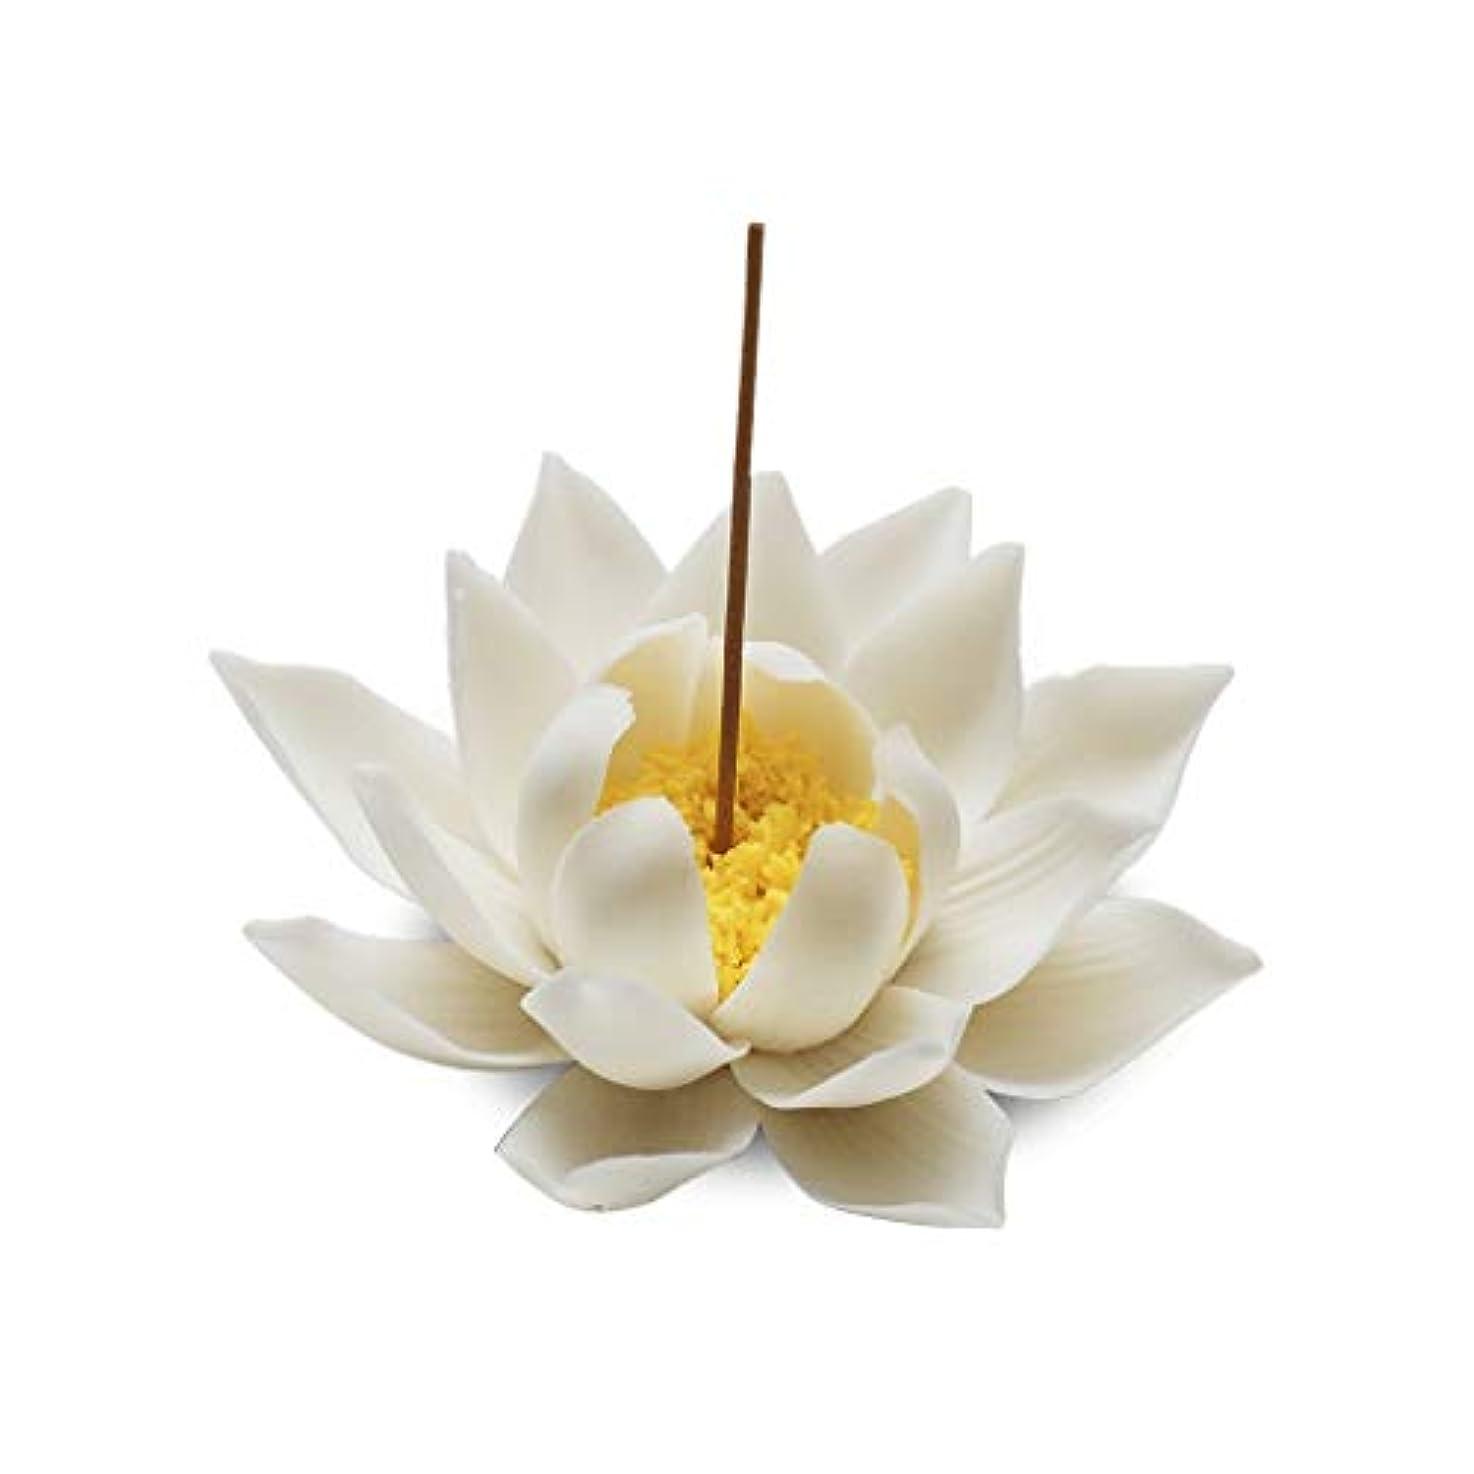 豚肉永遠のロッド芳香器?アロマバーナー セラミック蓮香バーナー家の装飾香スティックホルダー仏教アロマセラピーホームリビングルームの茶屋 芳香器?アロマバーナー (Color : A)